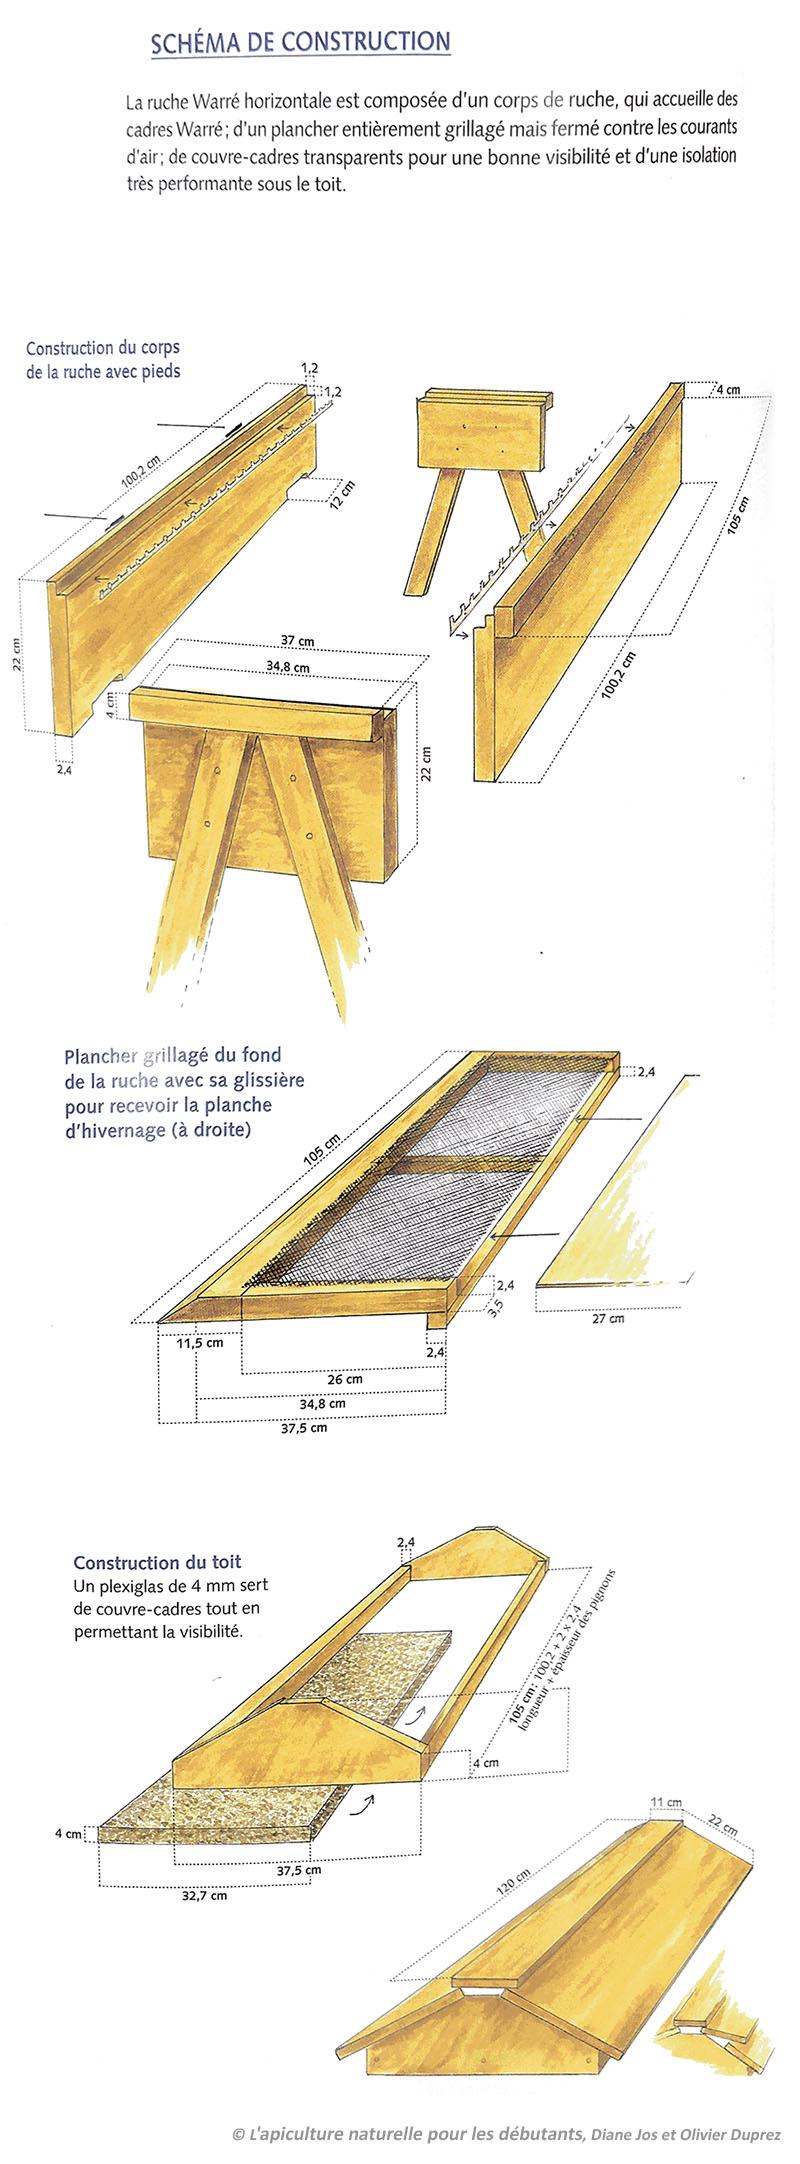 schéma construction ruche warré horizontale